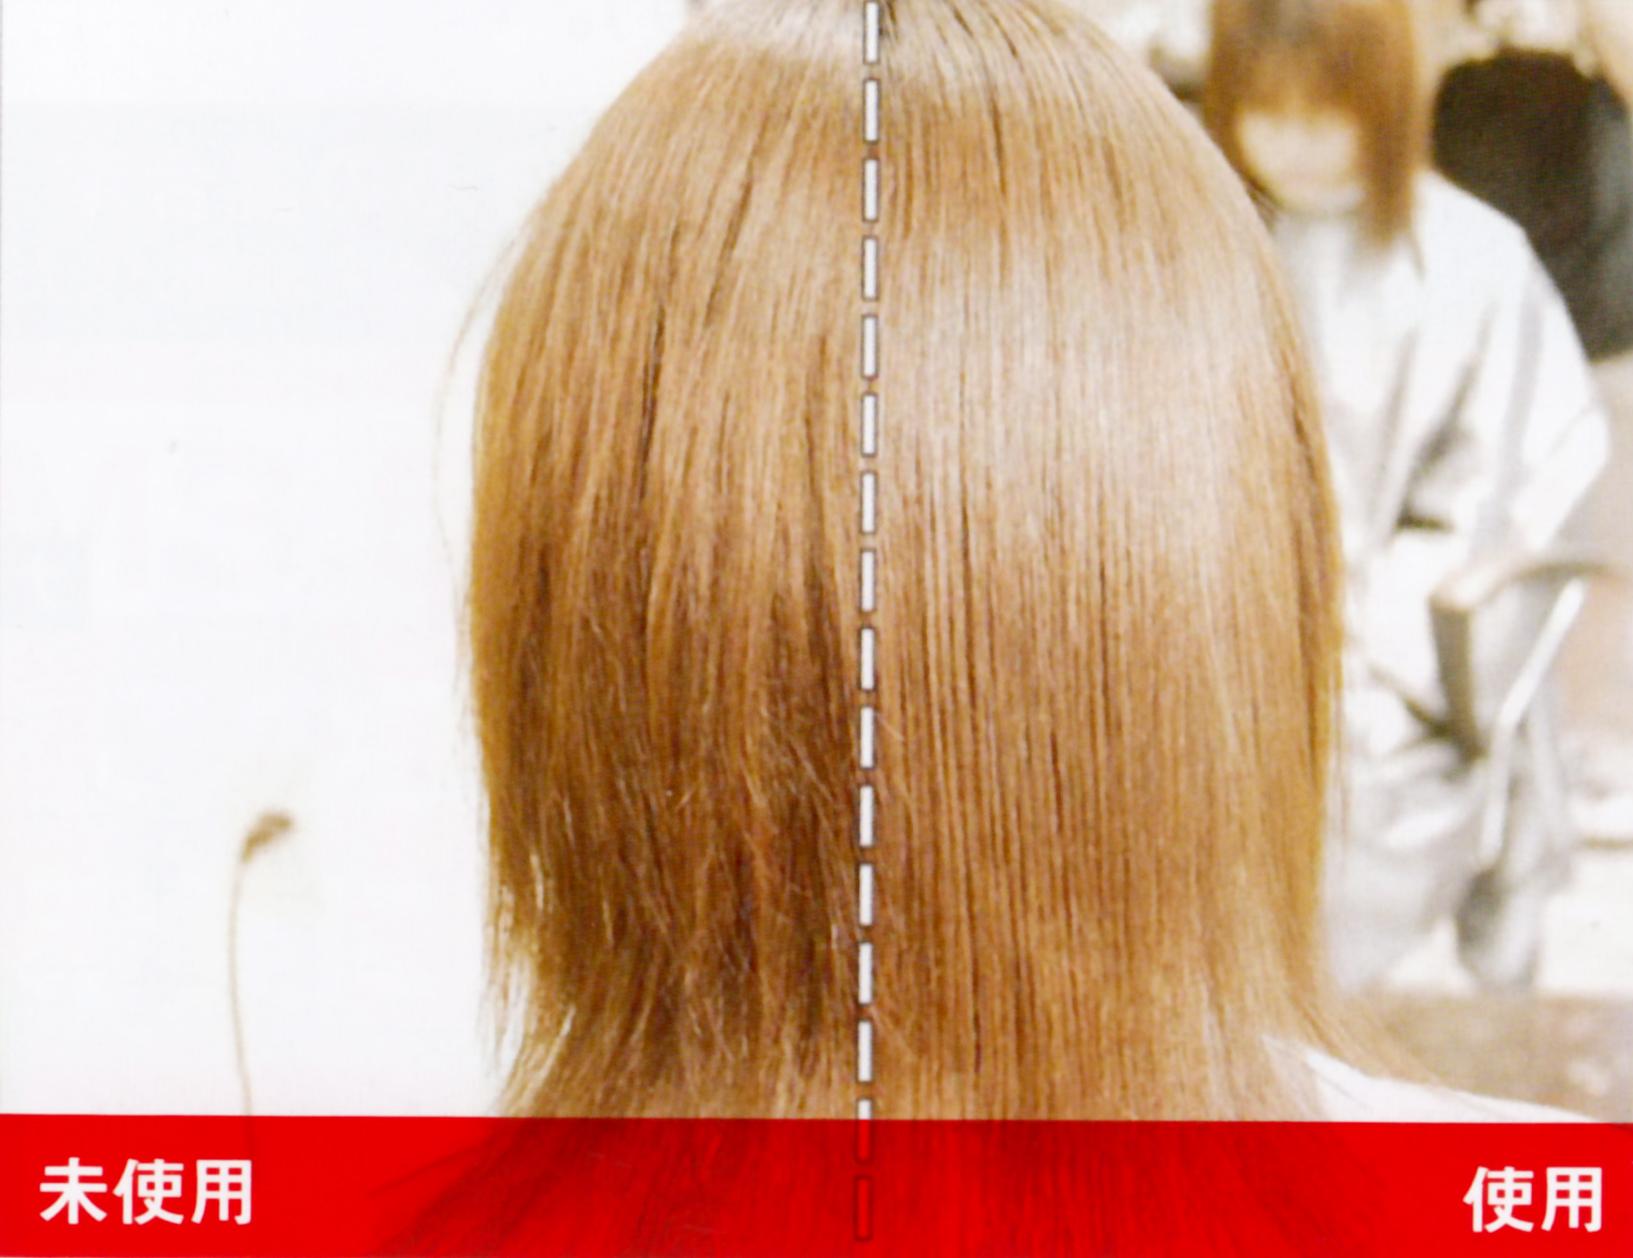 いま雑誌や口コミで話題のアルマダスタイル「M3.5」で瑞々しい髪へ・枯れにくい肌へ…